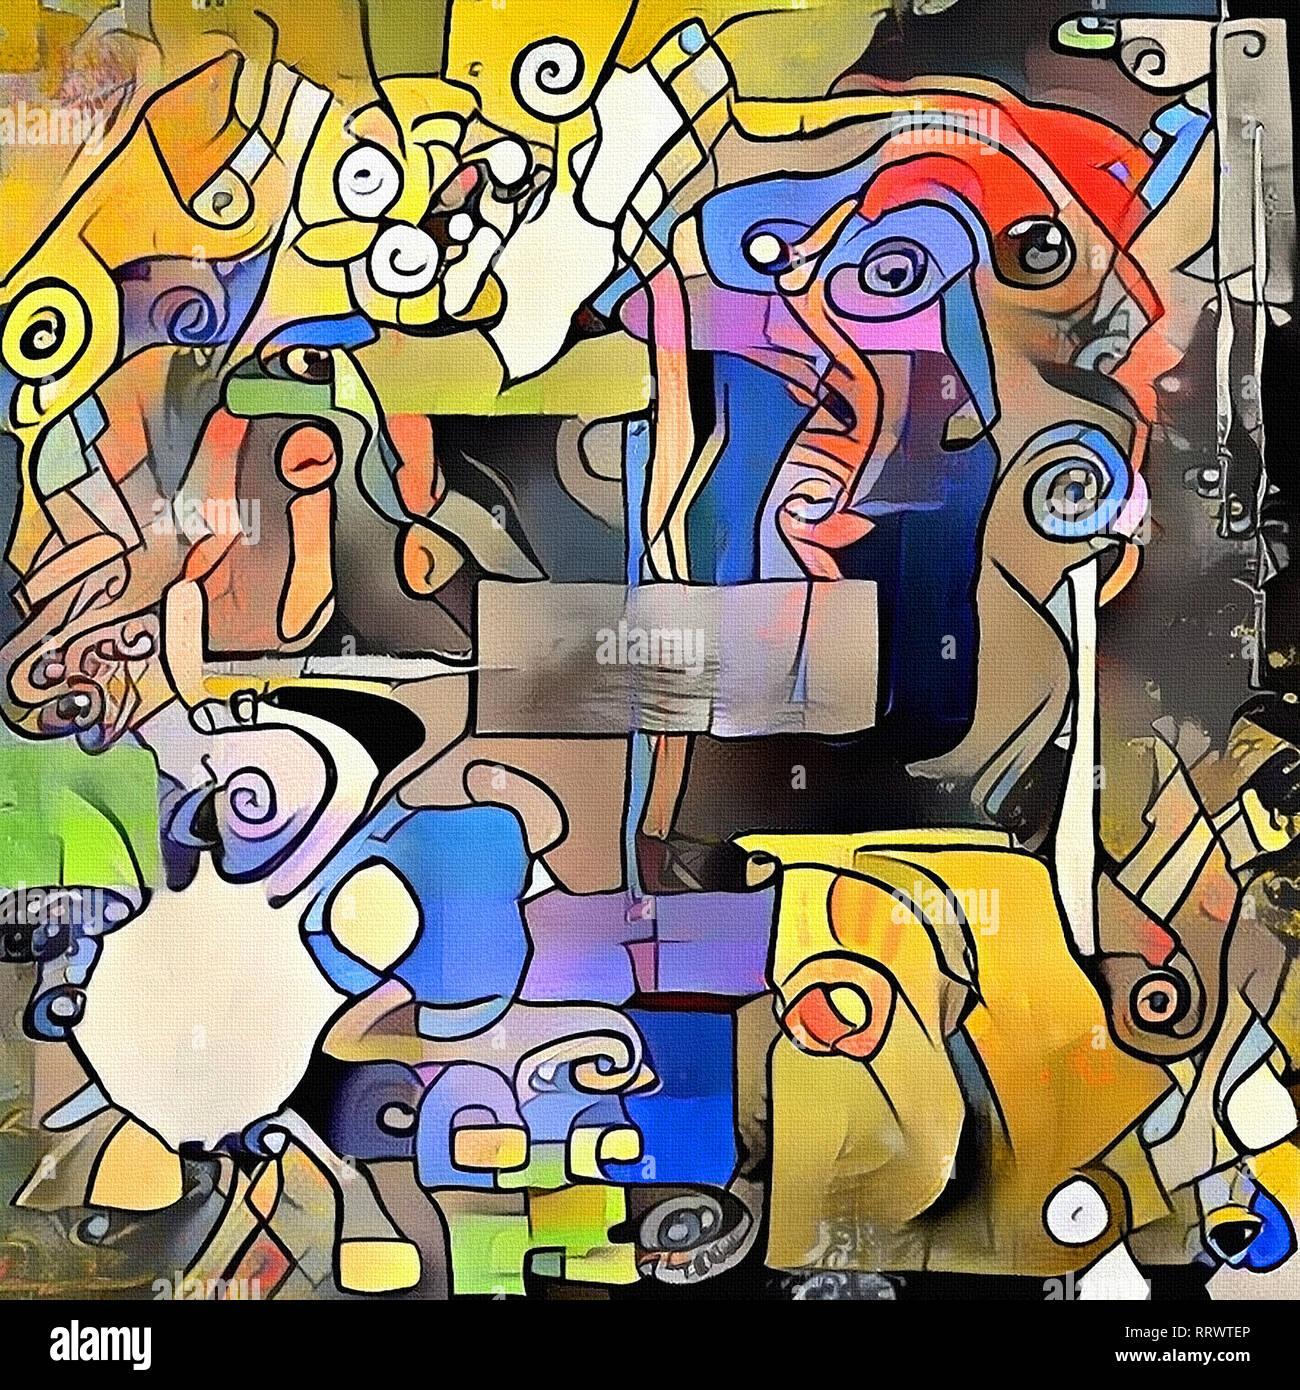 Tendencia clásica de la pintura abstracta. Ejercicios para la imaginación Foto de stock